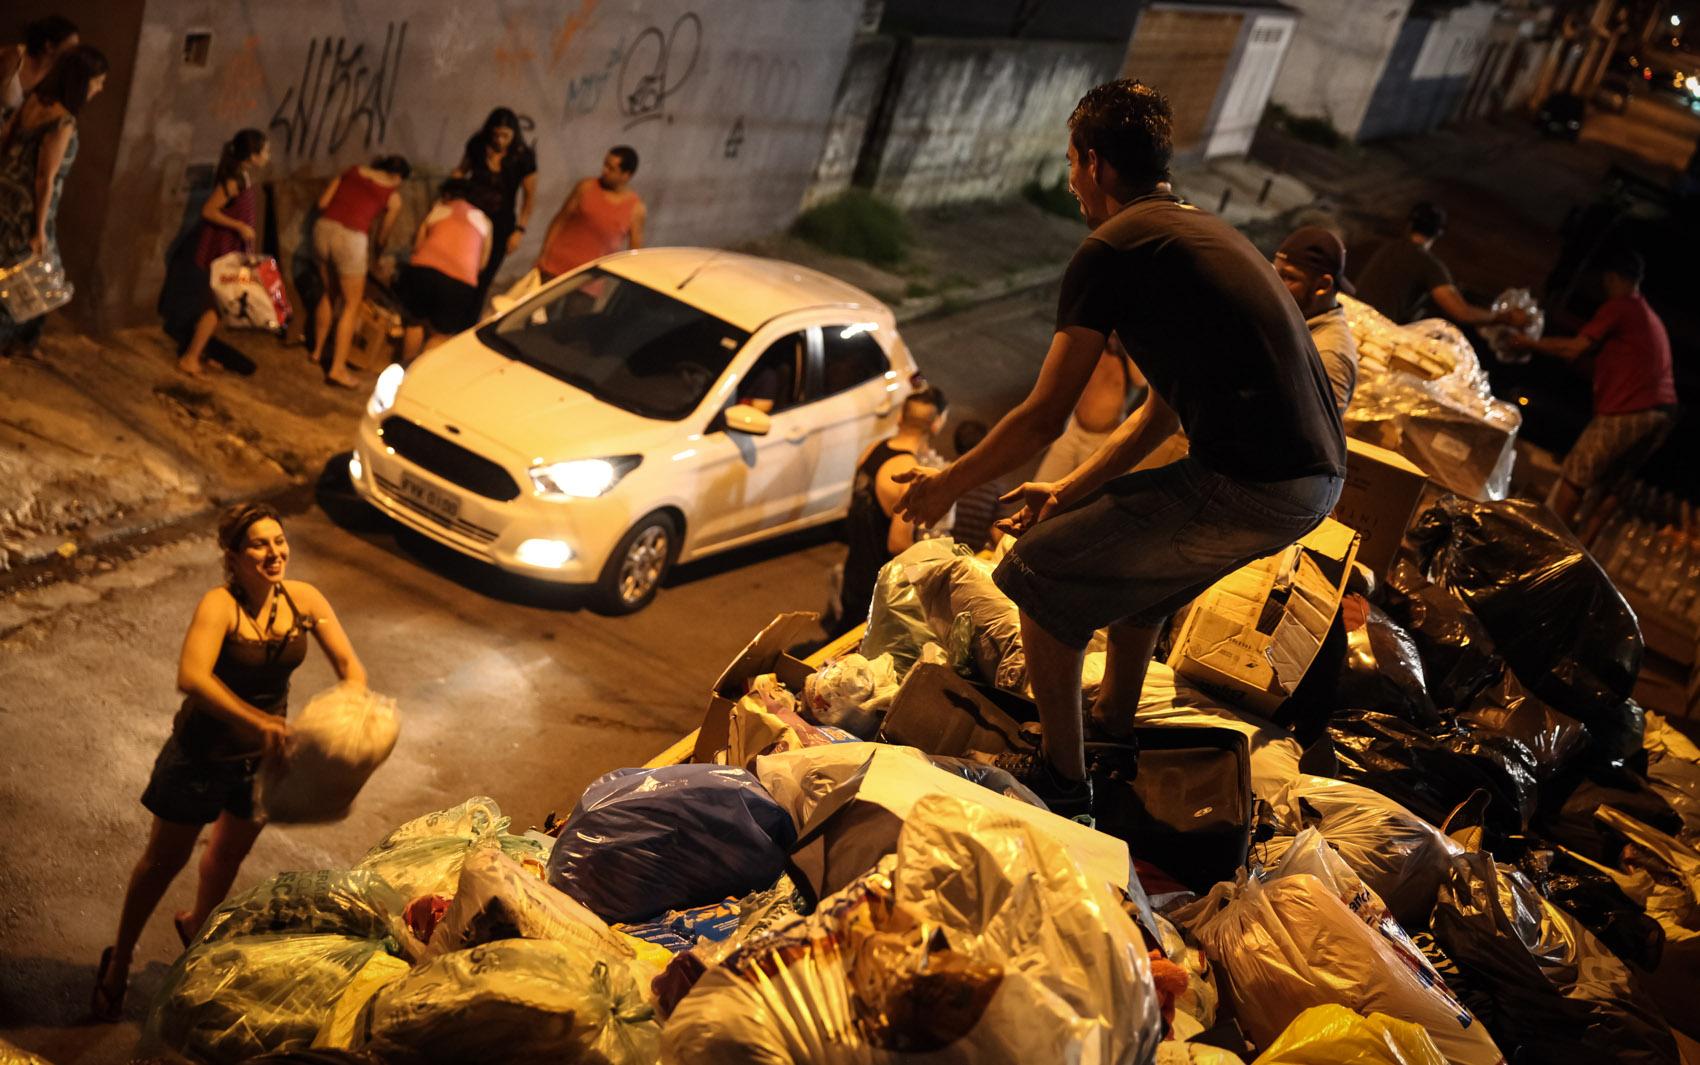 'Família do Barulho' carrega caminhão com cerca de 25 toneladas de doações arrecadadas em apenas 3 dias, na Mooca, Zona Leste de São Paulo. A família viajou até Barra Longa (MG) para distribuir os materiais para atingidos pela lama da barragem de Mariana